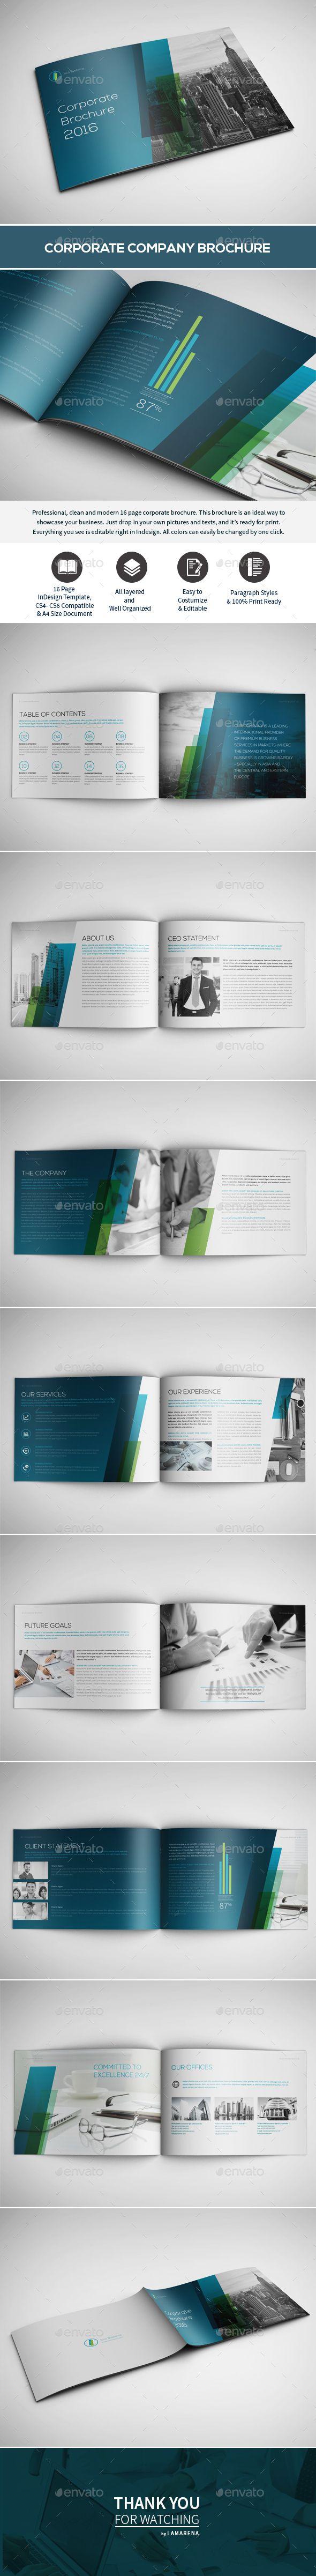 Corporate Brochure | Brochure empresarial, Composición y Elementos